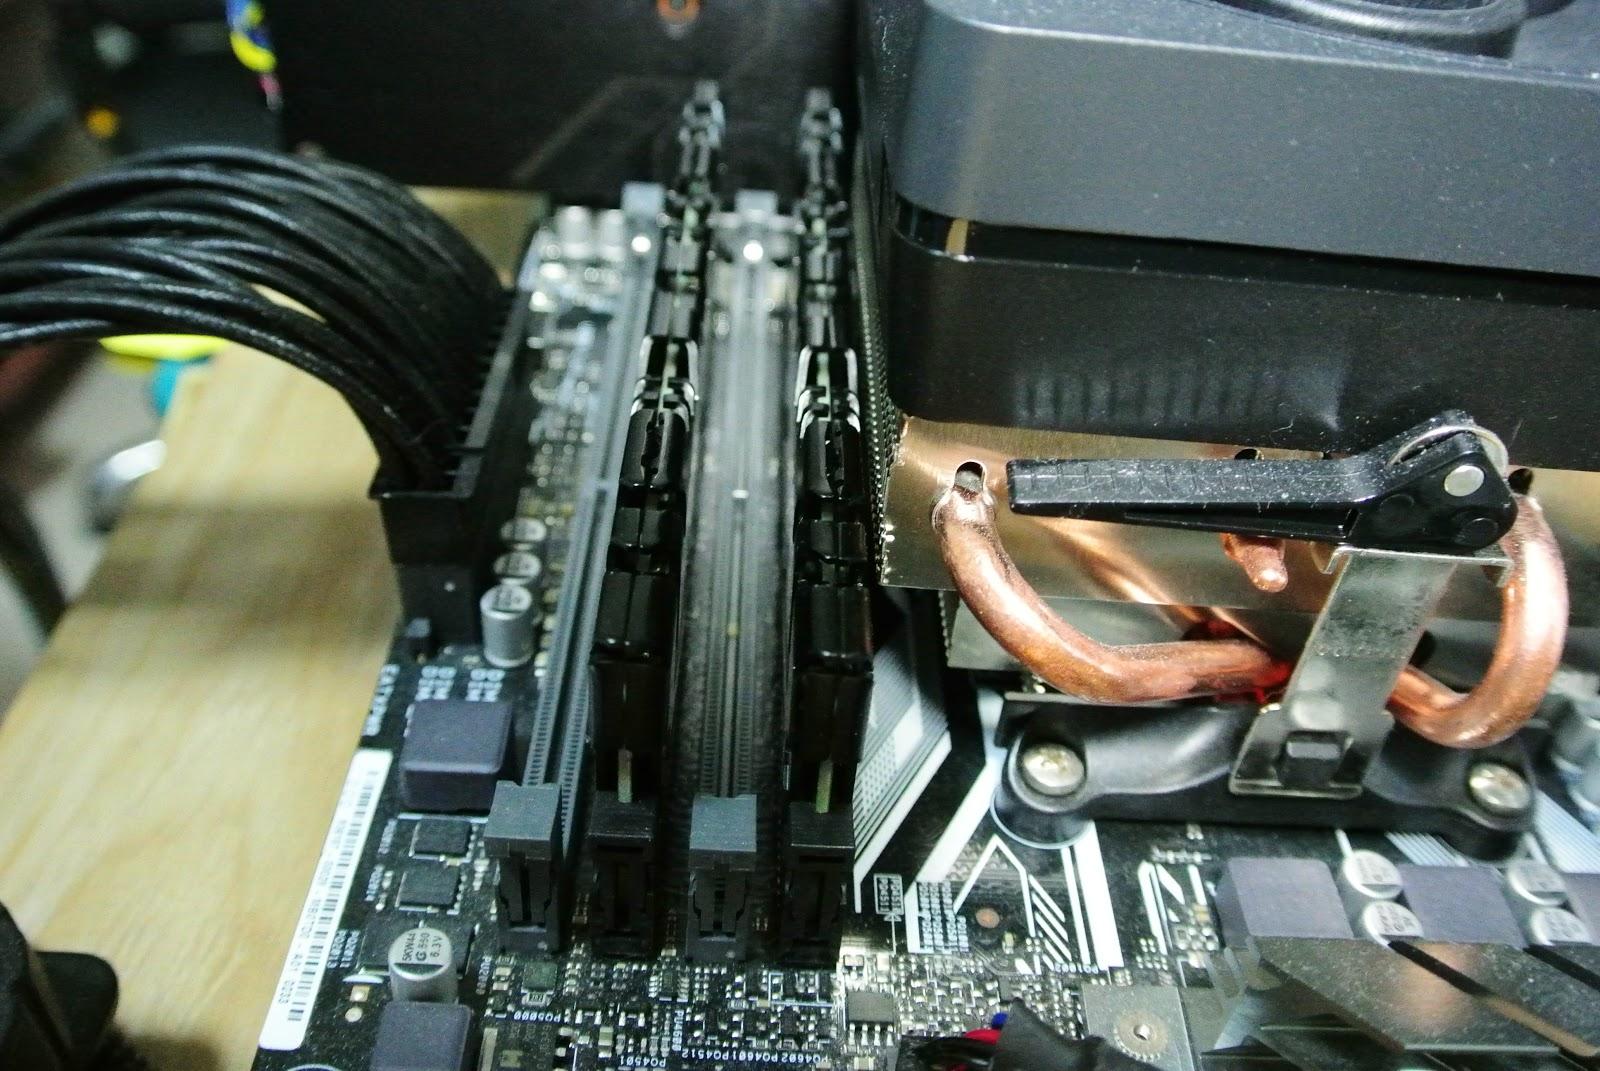 【心得】RYZEN 專用記憶體 芝奇 Flare X 烈燄槍 3200Mhz 開箱測試 @電腦應用綜合討論 哈啦板 - 巴哈姆特